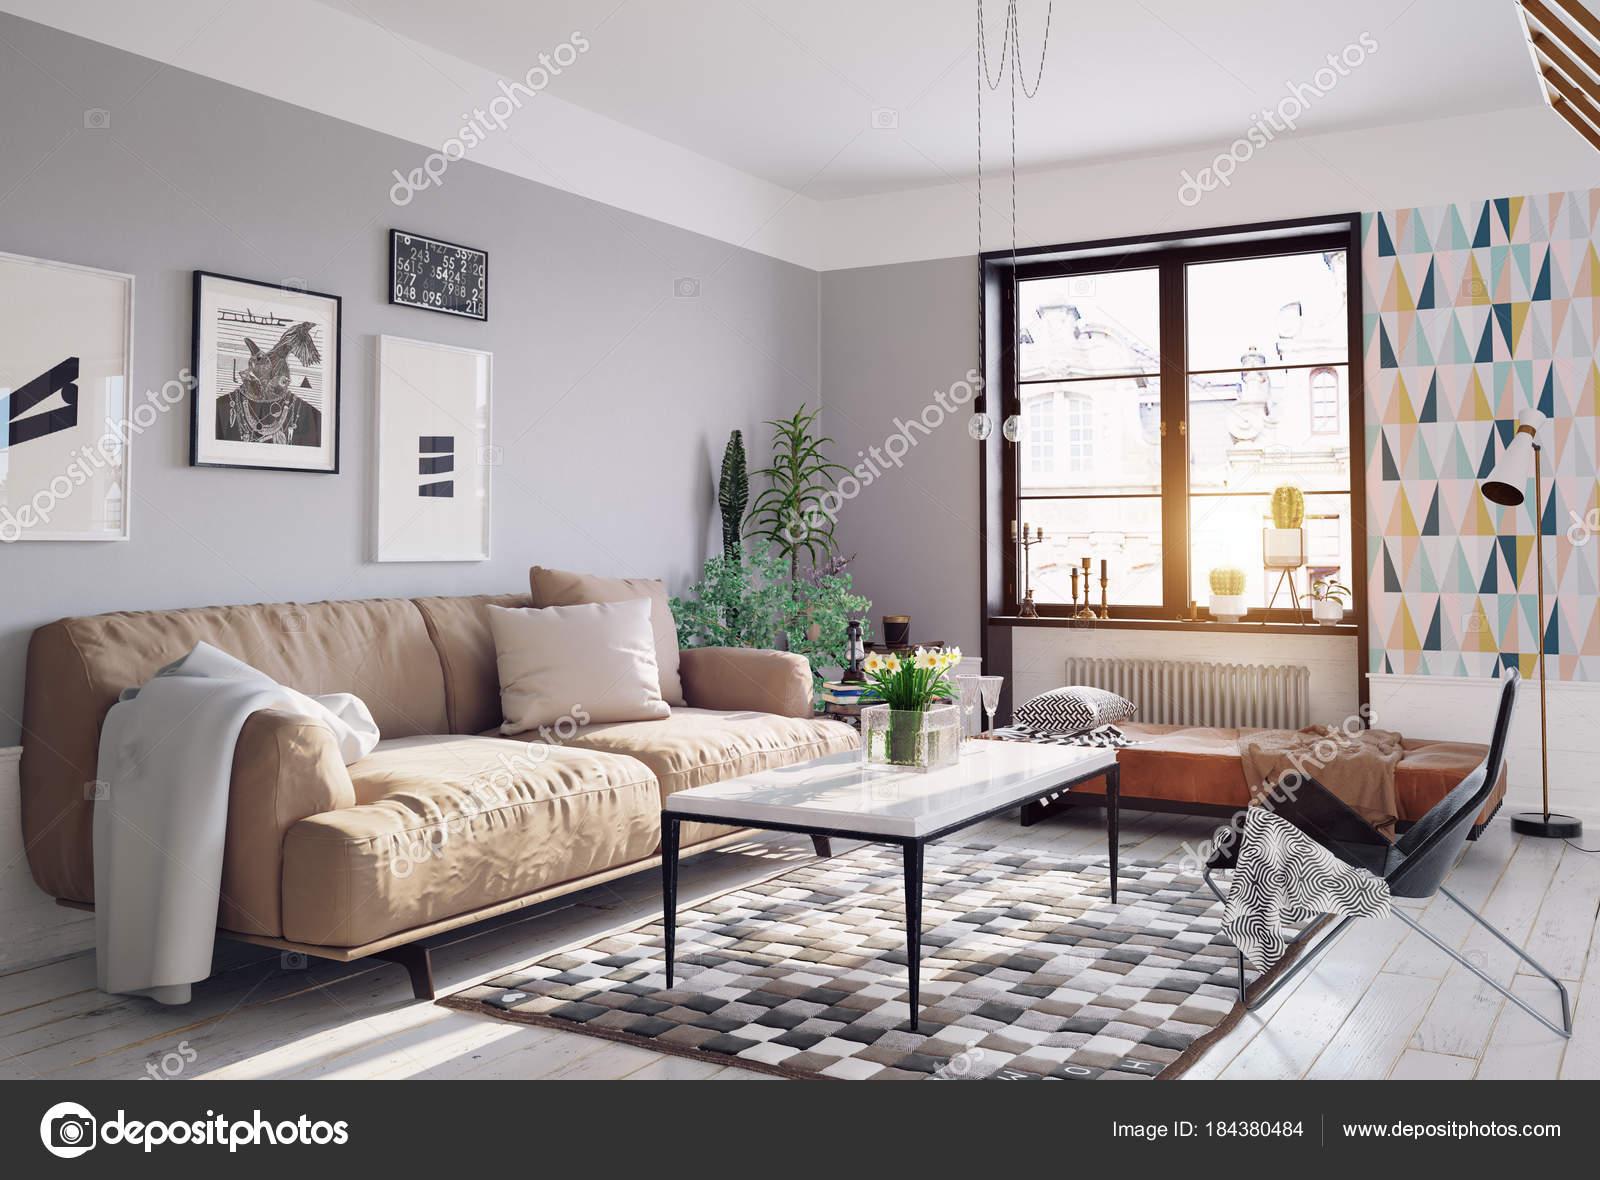 Moderne Wohnzimmer Design Mit Bildern Aus Einem Anderen Blickwinkel ...